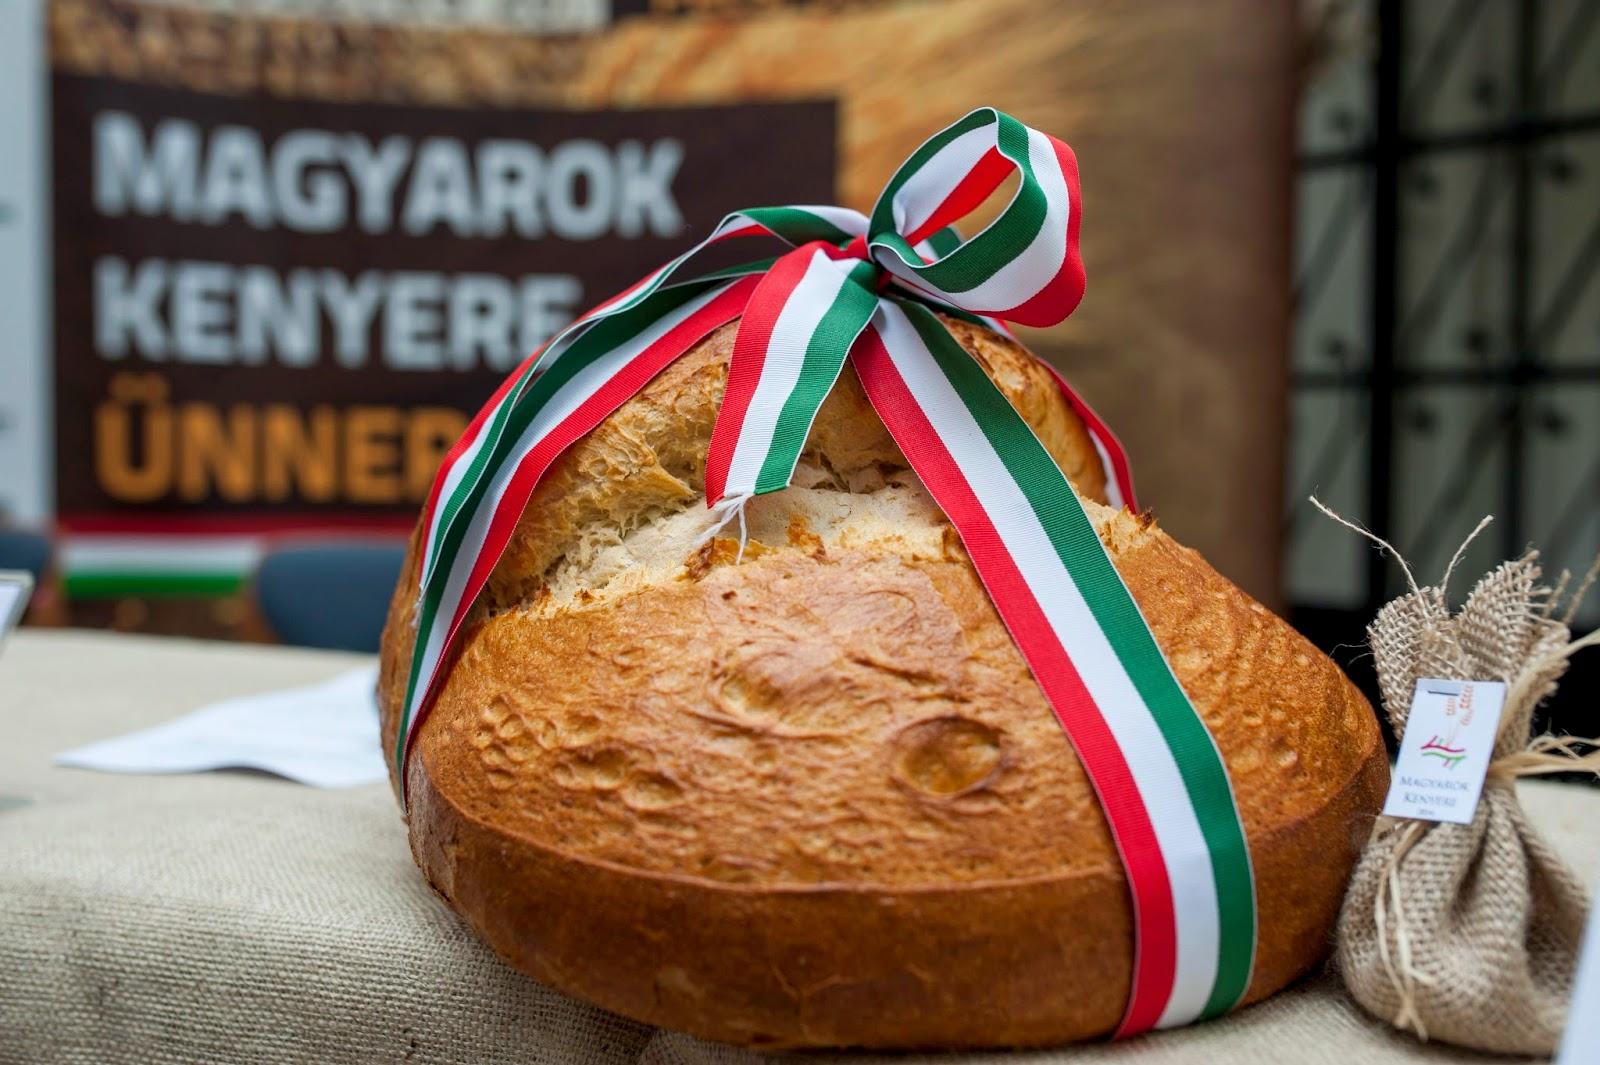 magyarok kenyere, kenyér, Mindennapi kenyér, Reményik Sándor, vers-szombat, vers, költemény,